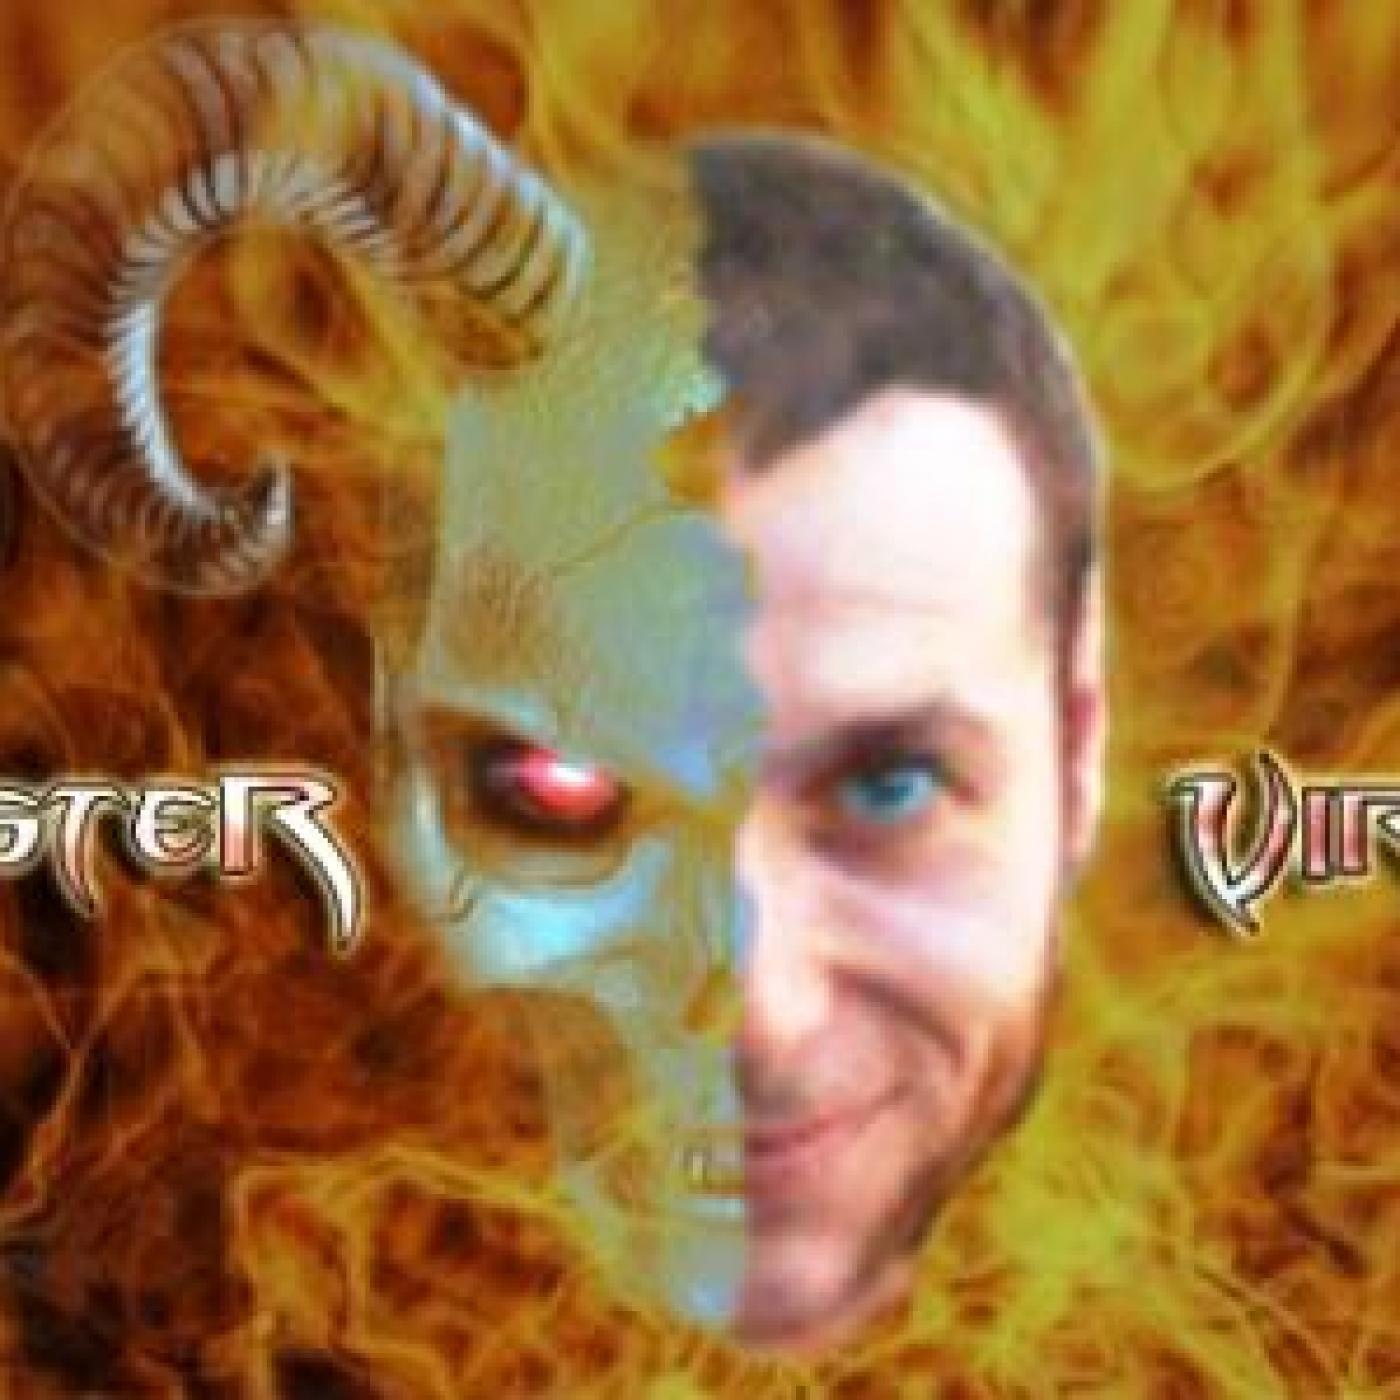 Mister Virus 6/11/15